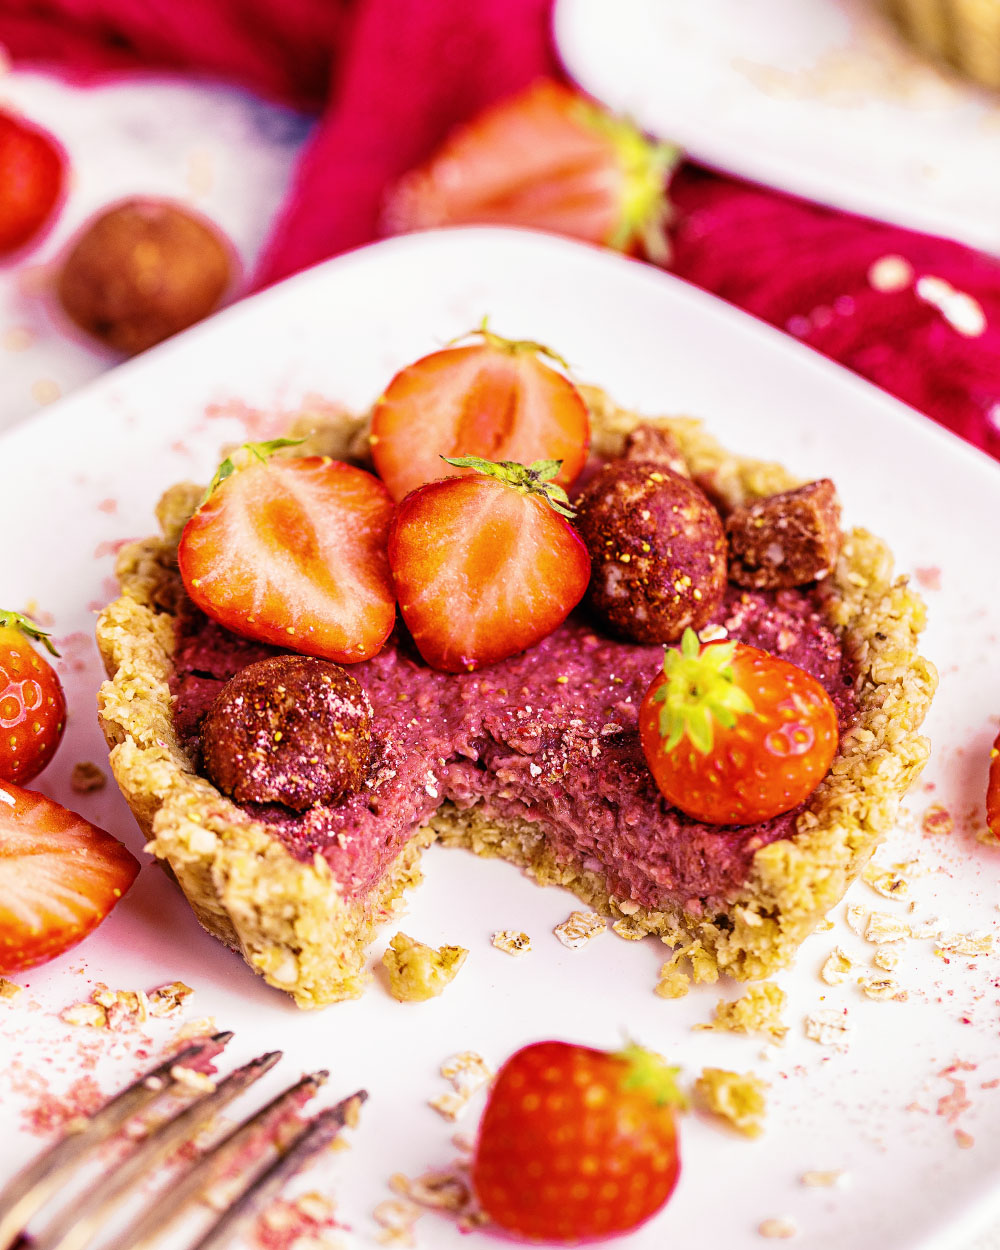 Erdbeer-Hafer-Tartelettes Oatsome Elsa Erdbeer Bliss balls smoothie bowl einfaches rezept tartelettes vegan